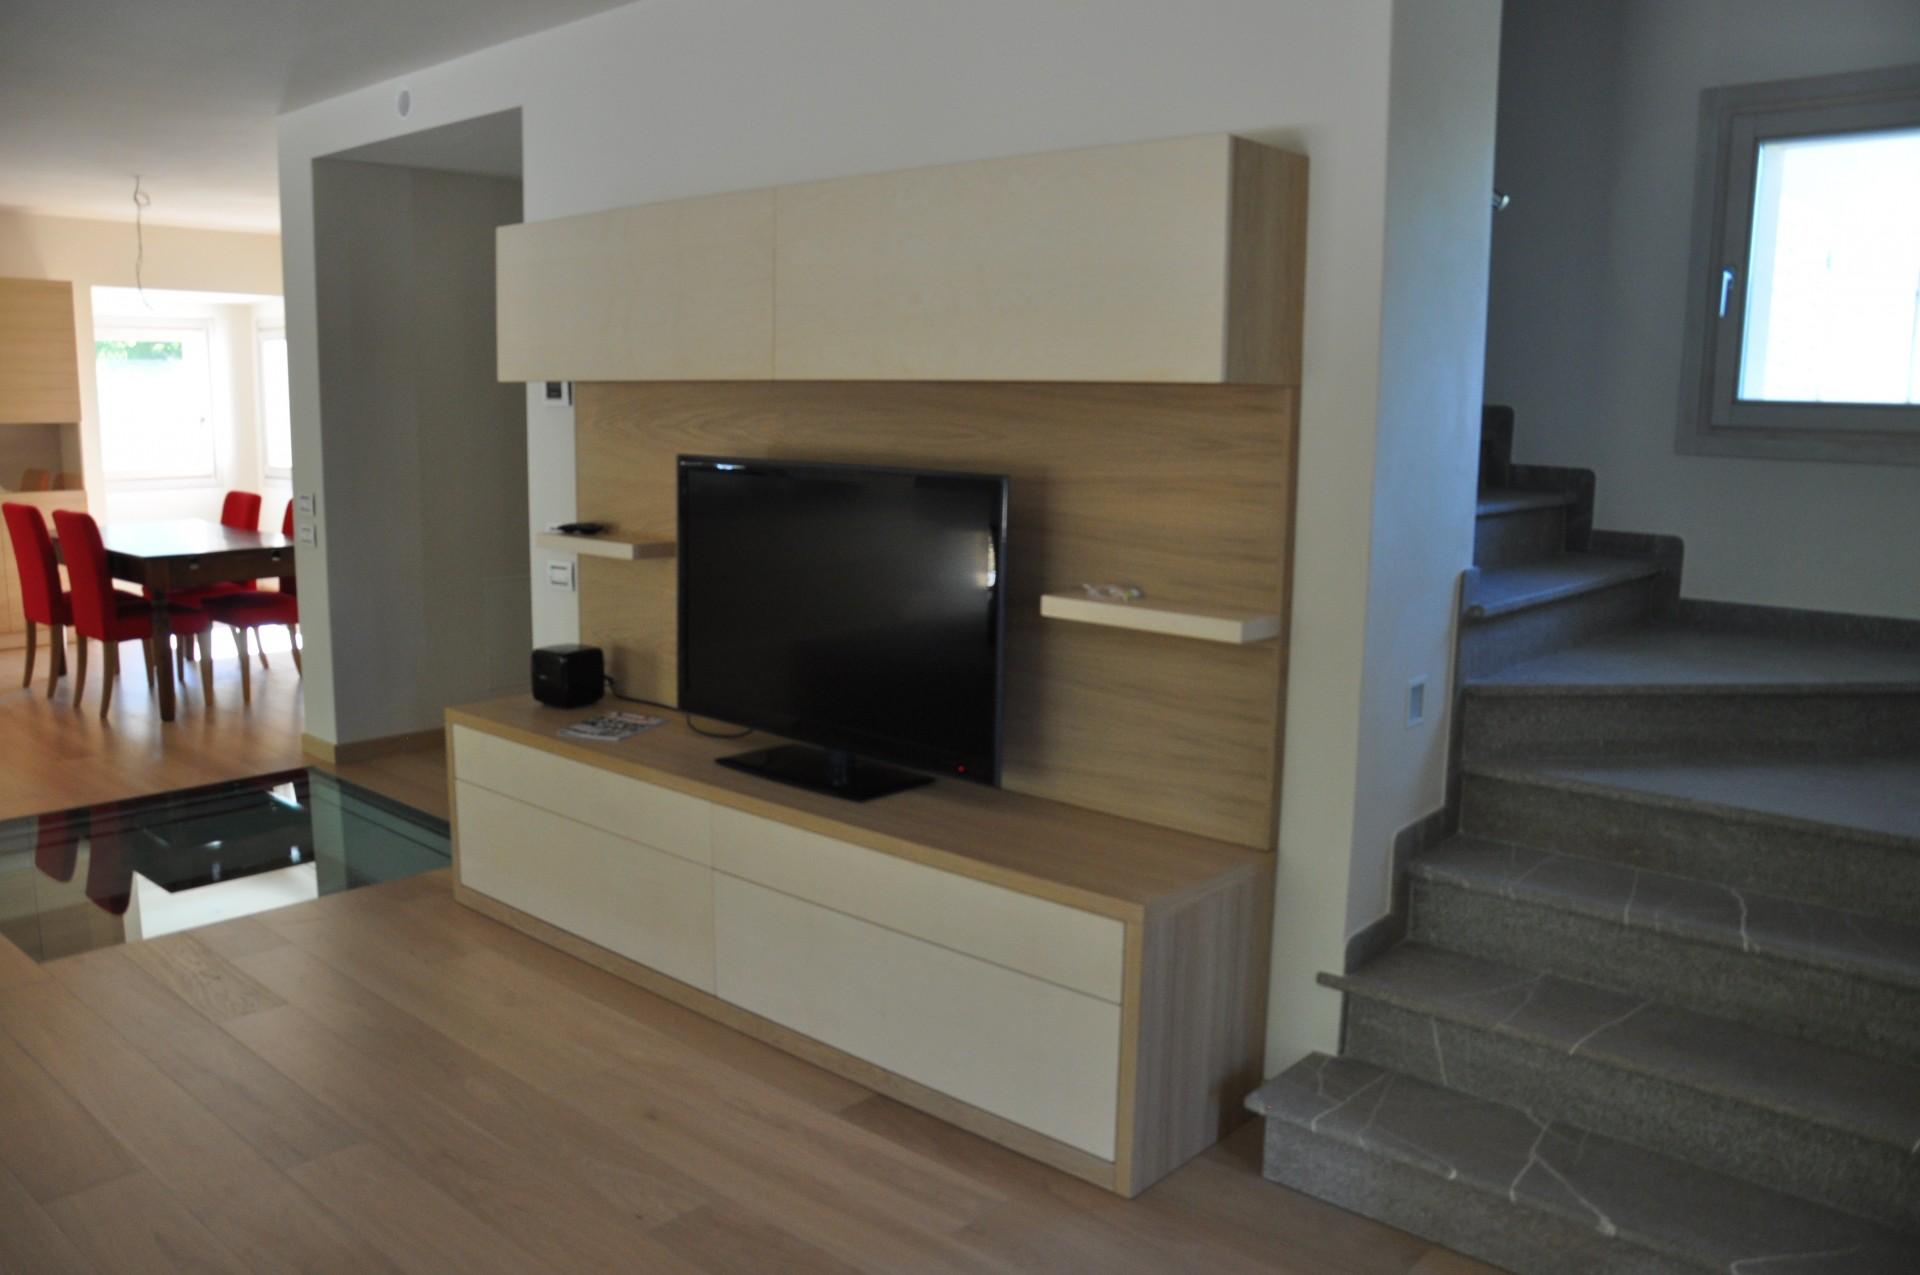 Mobili in legno per sala fadini mobili cerea verona for Mobile basso sala